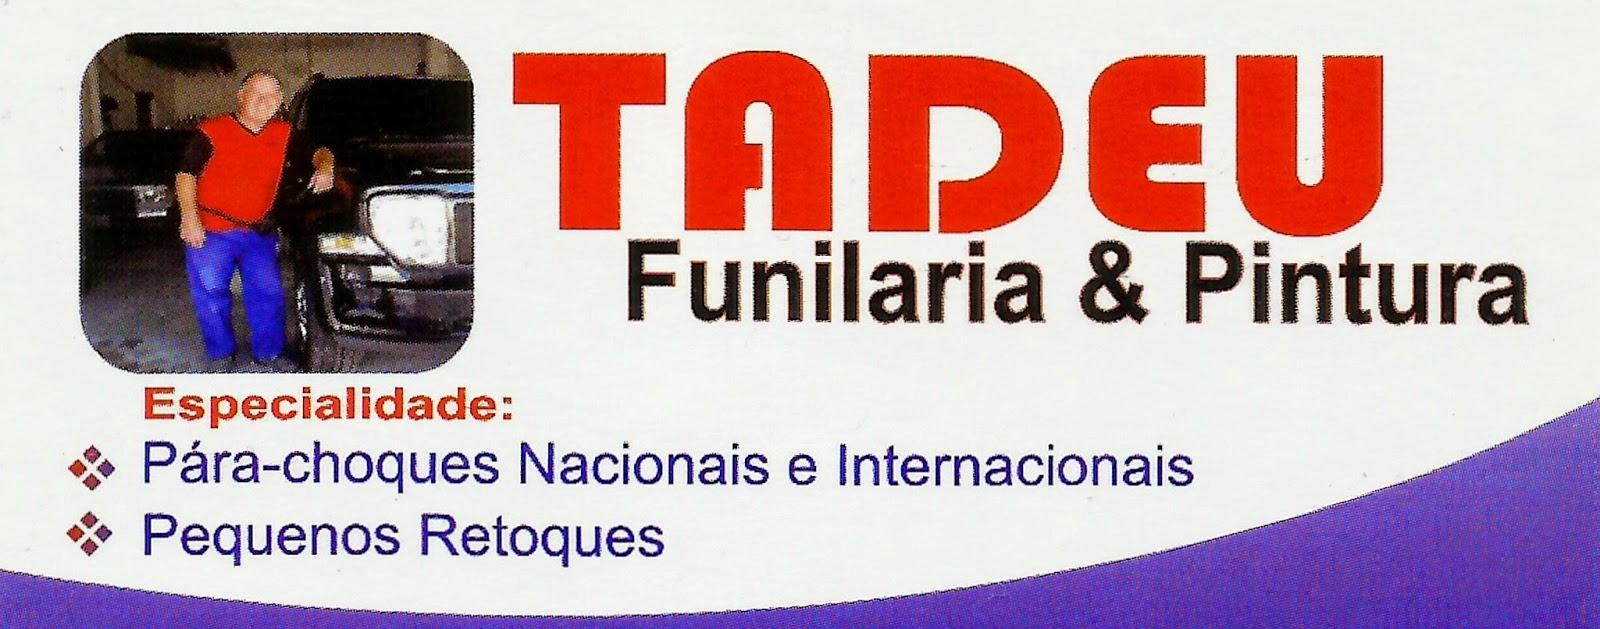 TADEU  FUNILARIA E PINTURA Rua. Gonçalves Dias, 15 Sorocaba - SP e-mail: tadeufunilaria@yahoo.com.br tel: (15) 3013-8707 / 99152-0505